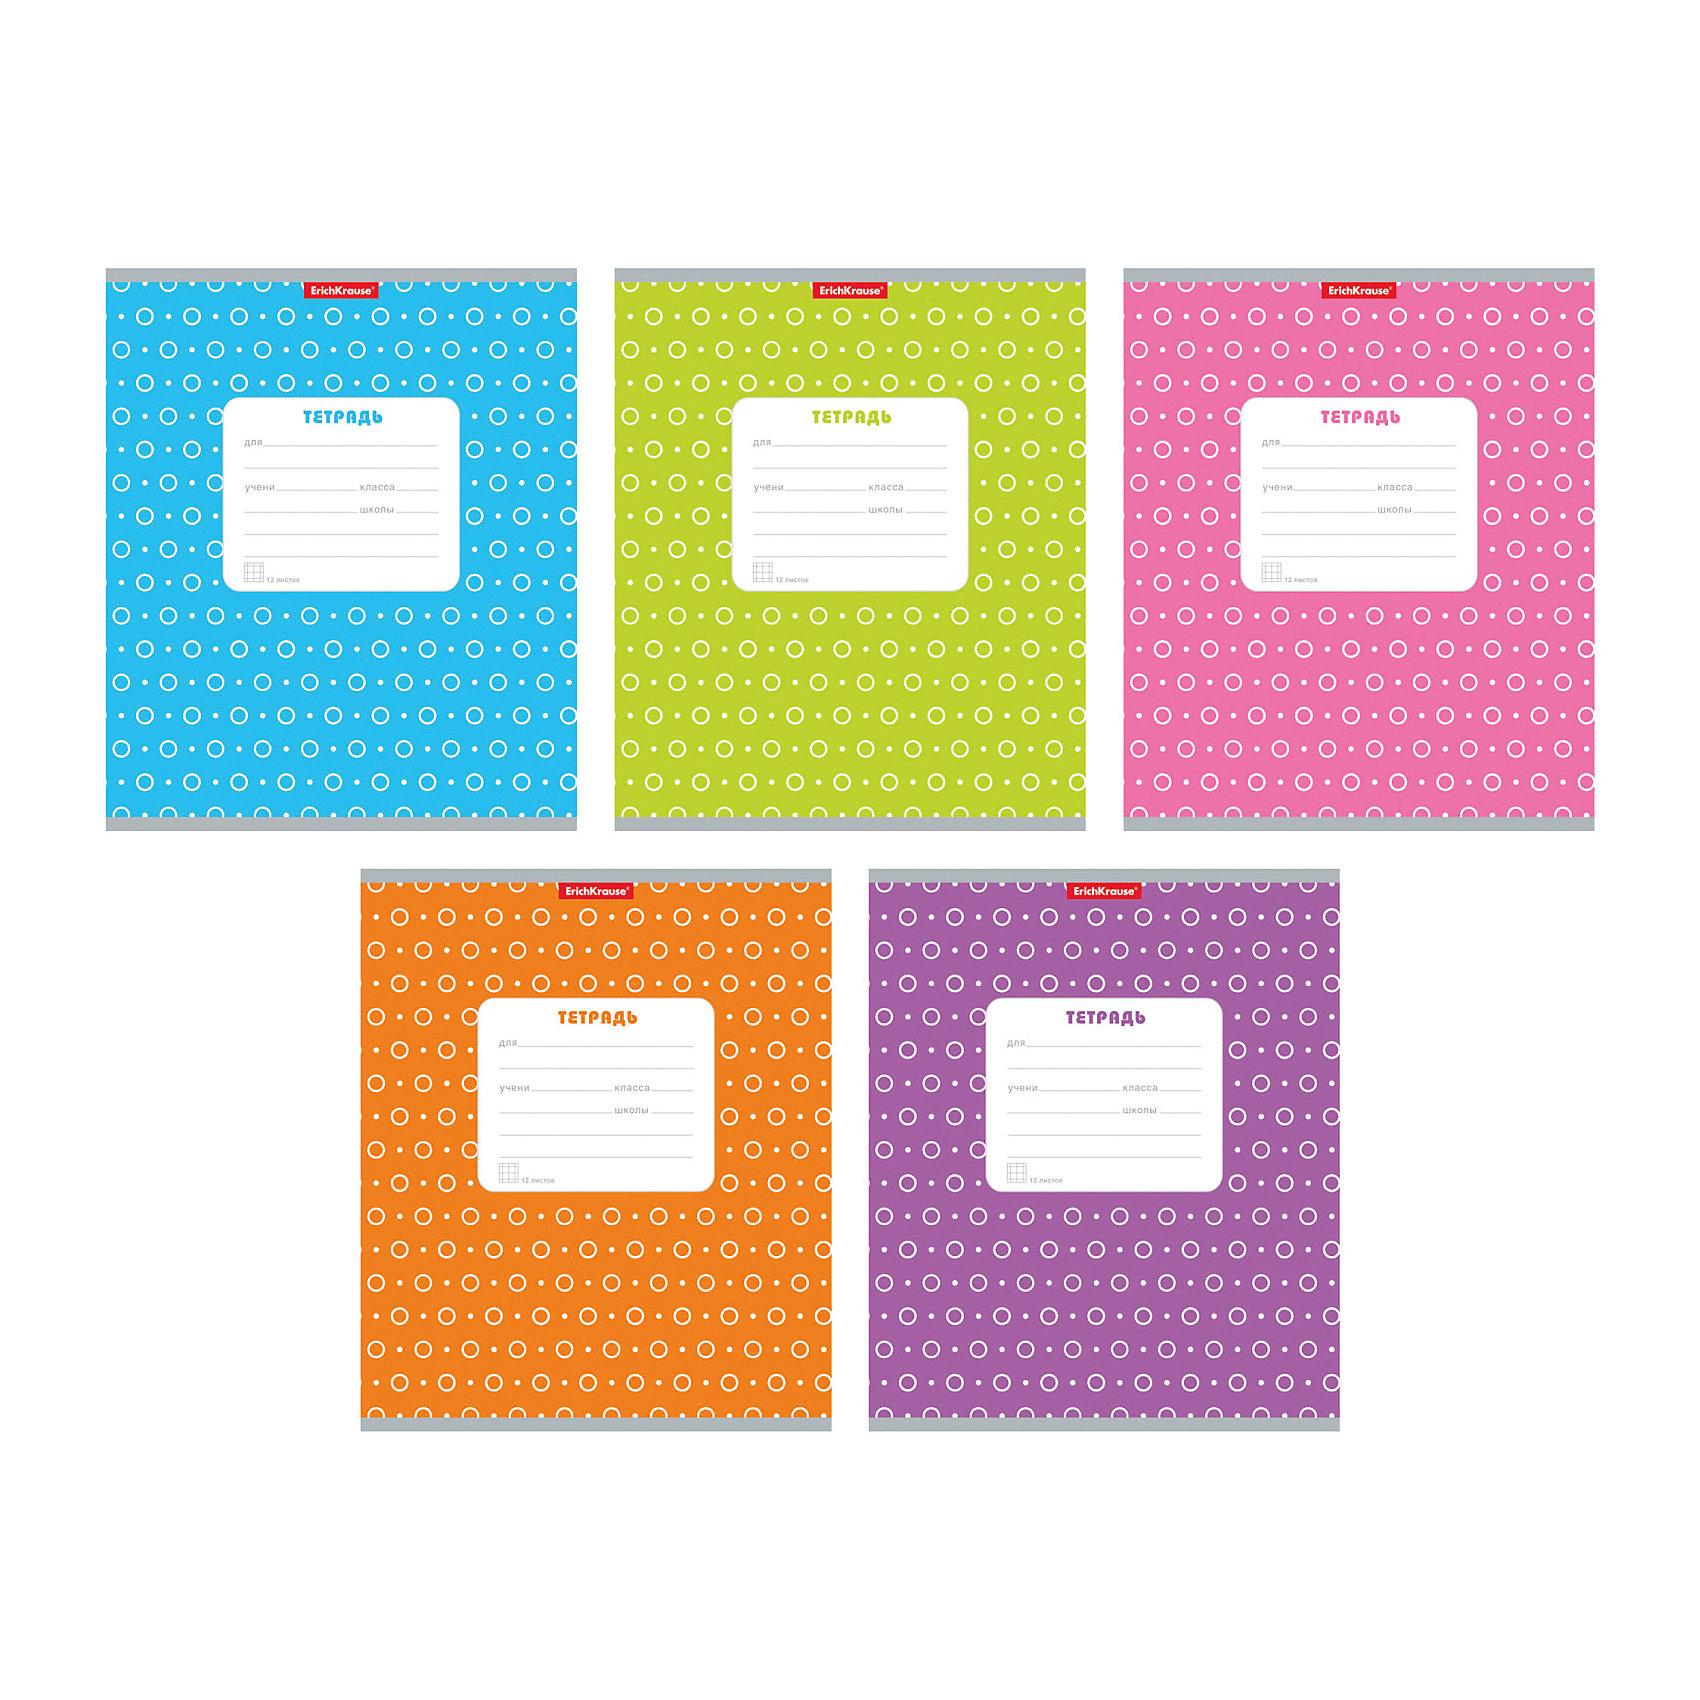 Тетрадь в клетку, 12 листов, горошек ассорти, упаковка из 10 шт.Бумажная продукция<br>Тетрадь 12 листов, горошек ассорти, 10 шт.<br><br>Характеристики:<br><br>• Количество: 10 шт.<br>• Формат: А5<br>• Внутренний блок: 12 листов, клетка, офсет<br>• Тип крепления: скрепка<br>• Обложка: мелованный картон<br>• Цвет обложки: ассорти в горошек<br><br>Тетради в клетку с полями «Горошек» предназначены для школьников. Отличная полиграфия и качественная бумага обеспечат высокое качество письма. Обложка из мелованного картона позволит сохранять тетрадь в аккуратном виде в течение всего периода использования.<br><br>Тетрадь 12 листов, горошек ассорти, 10 шт. можно купить в нашем интернет-магазине.<br><br>Ширина мм: 170<br>Глубина мм: 20<br>Высота мм: 205<br>Вес г: 349<br>Возраст от месяцев: 60<br>Возраст до месяцев: 204<br>Пол: Унисекс<br>Возраст: Детский<br>SKU: 5540076